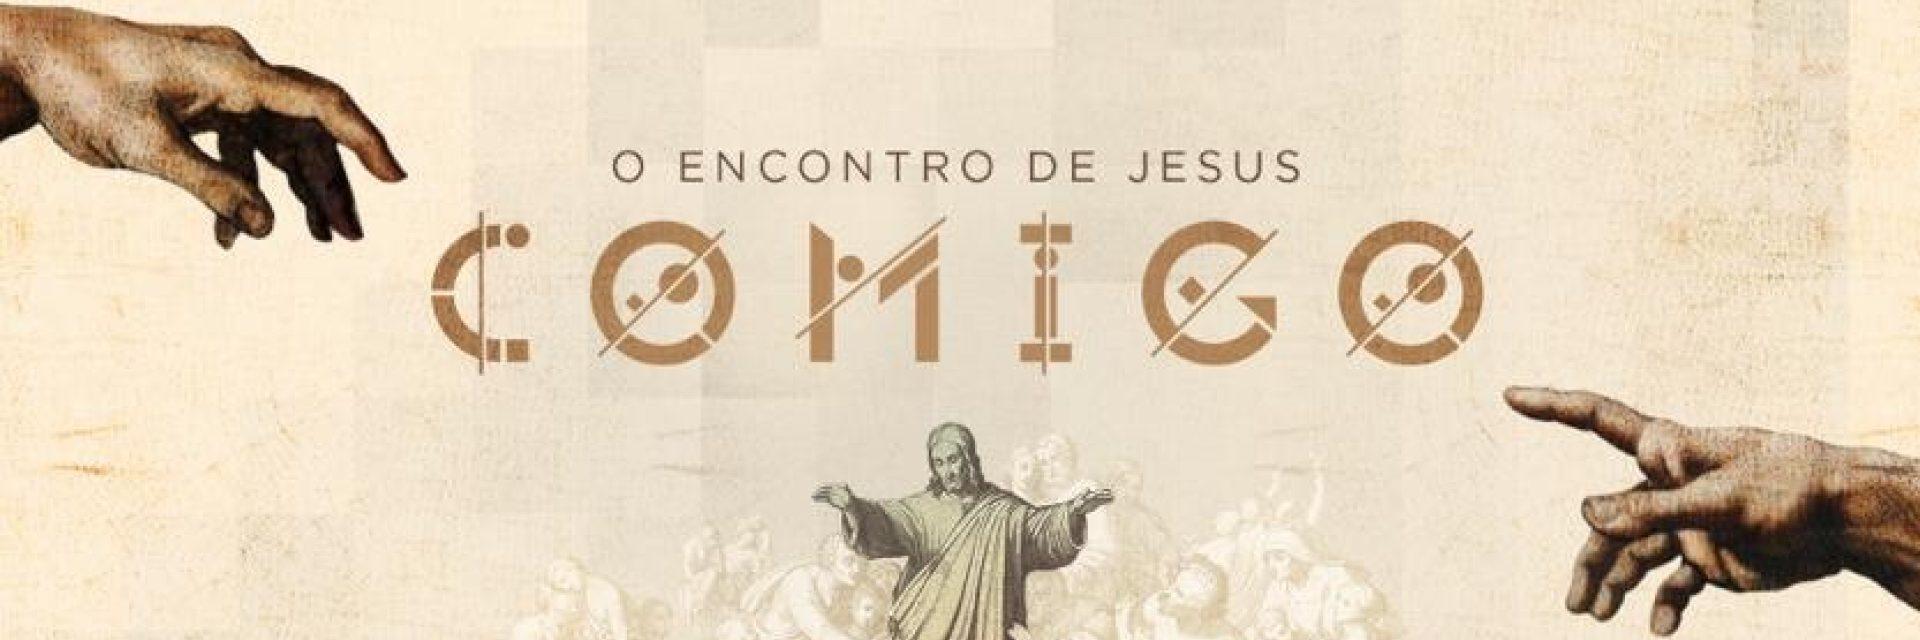 Os Encontros de Jesus - Parte 7